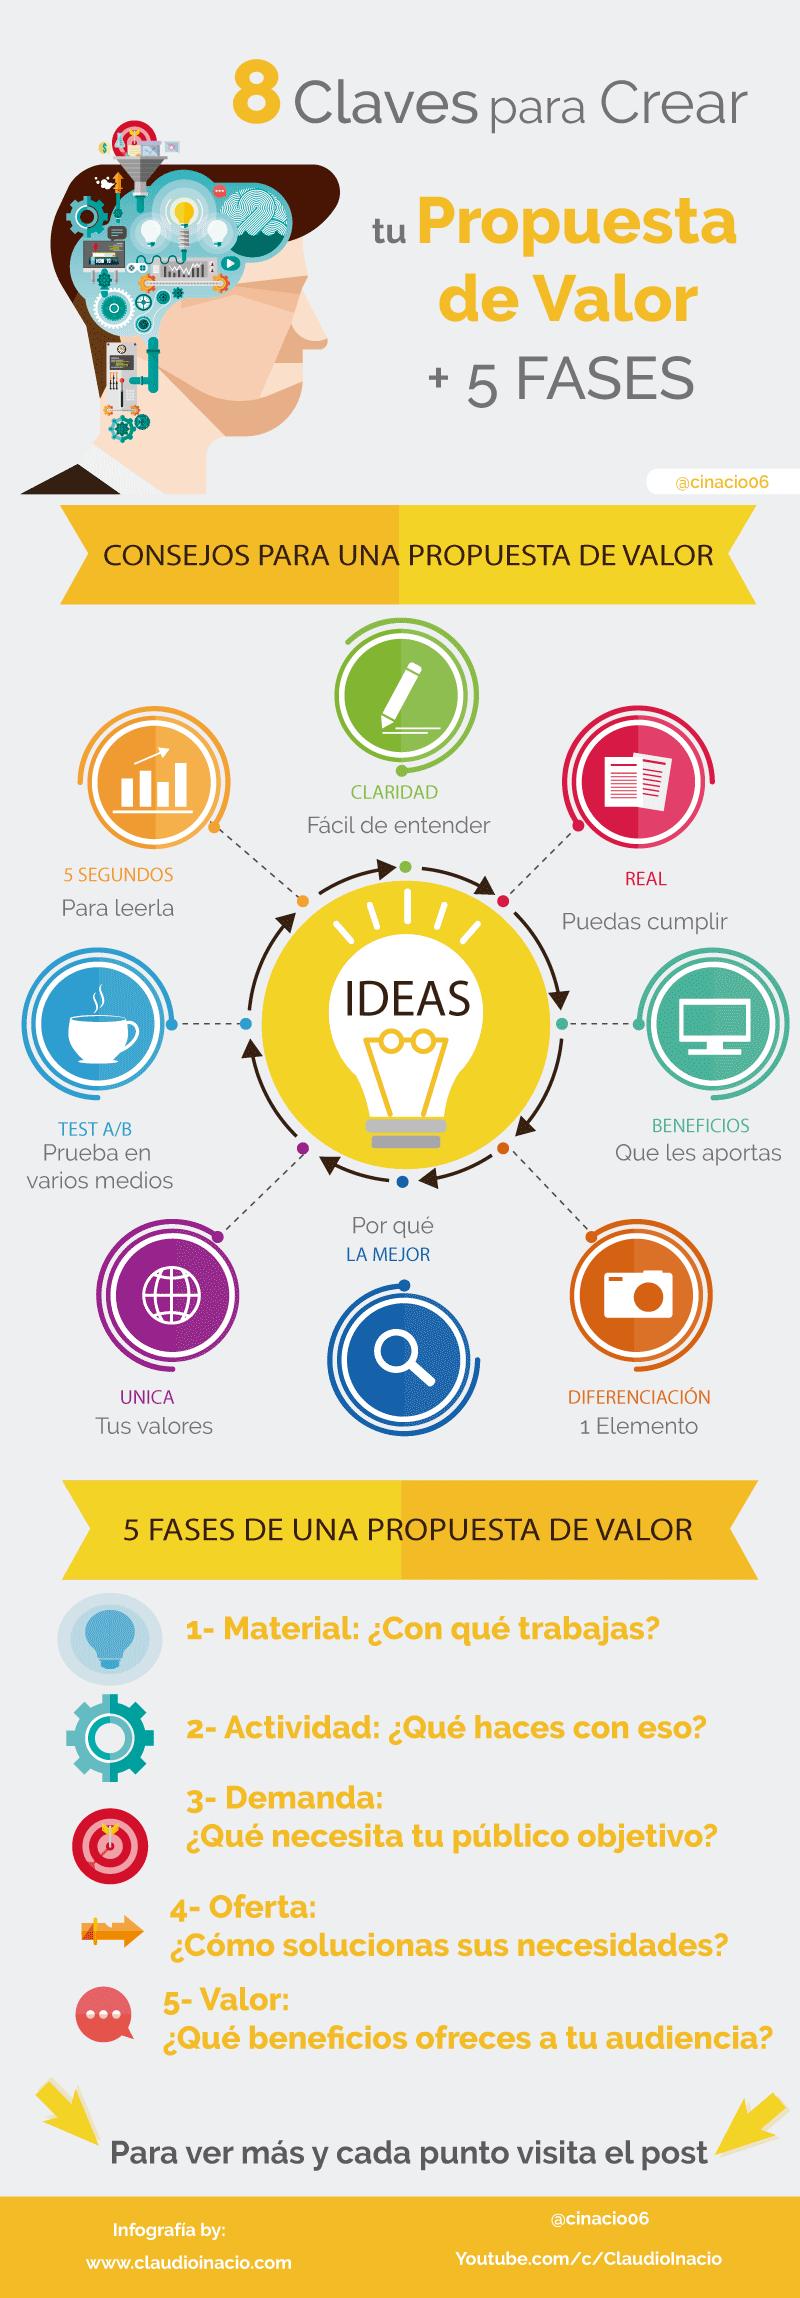 8 claves y 5 fases para crear tu Propuesta de Valor